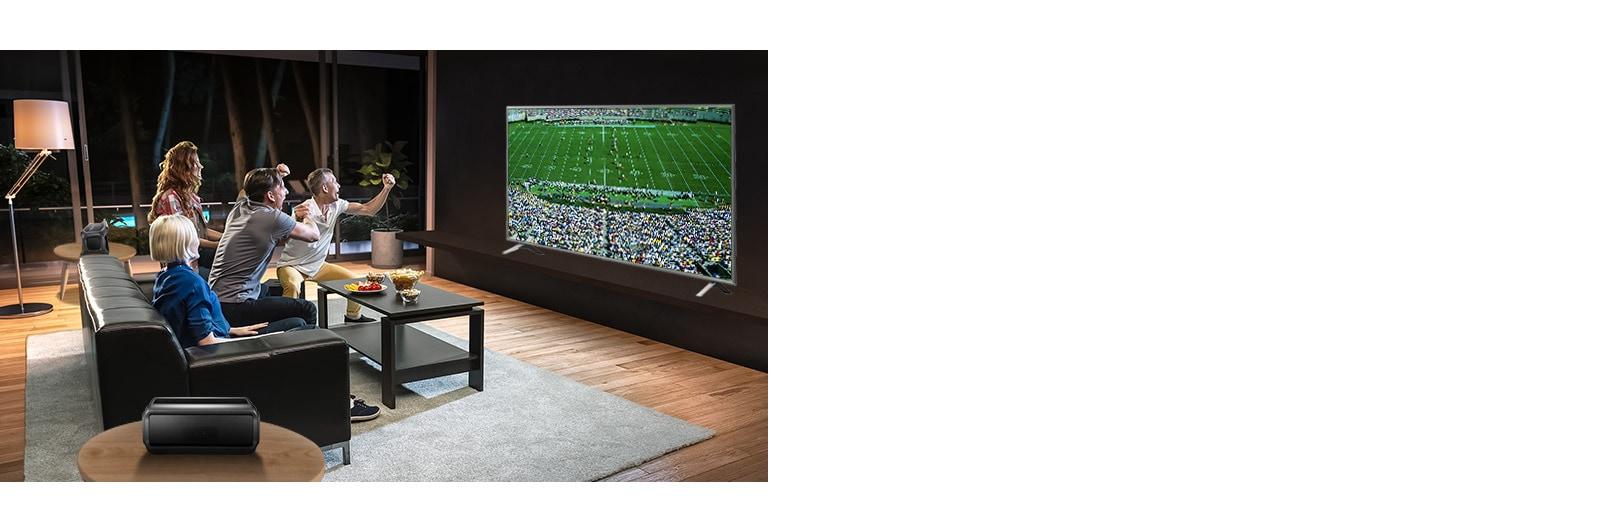 LG 75UN8000PTB Bluetooth Surround Ready